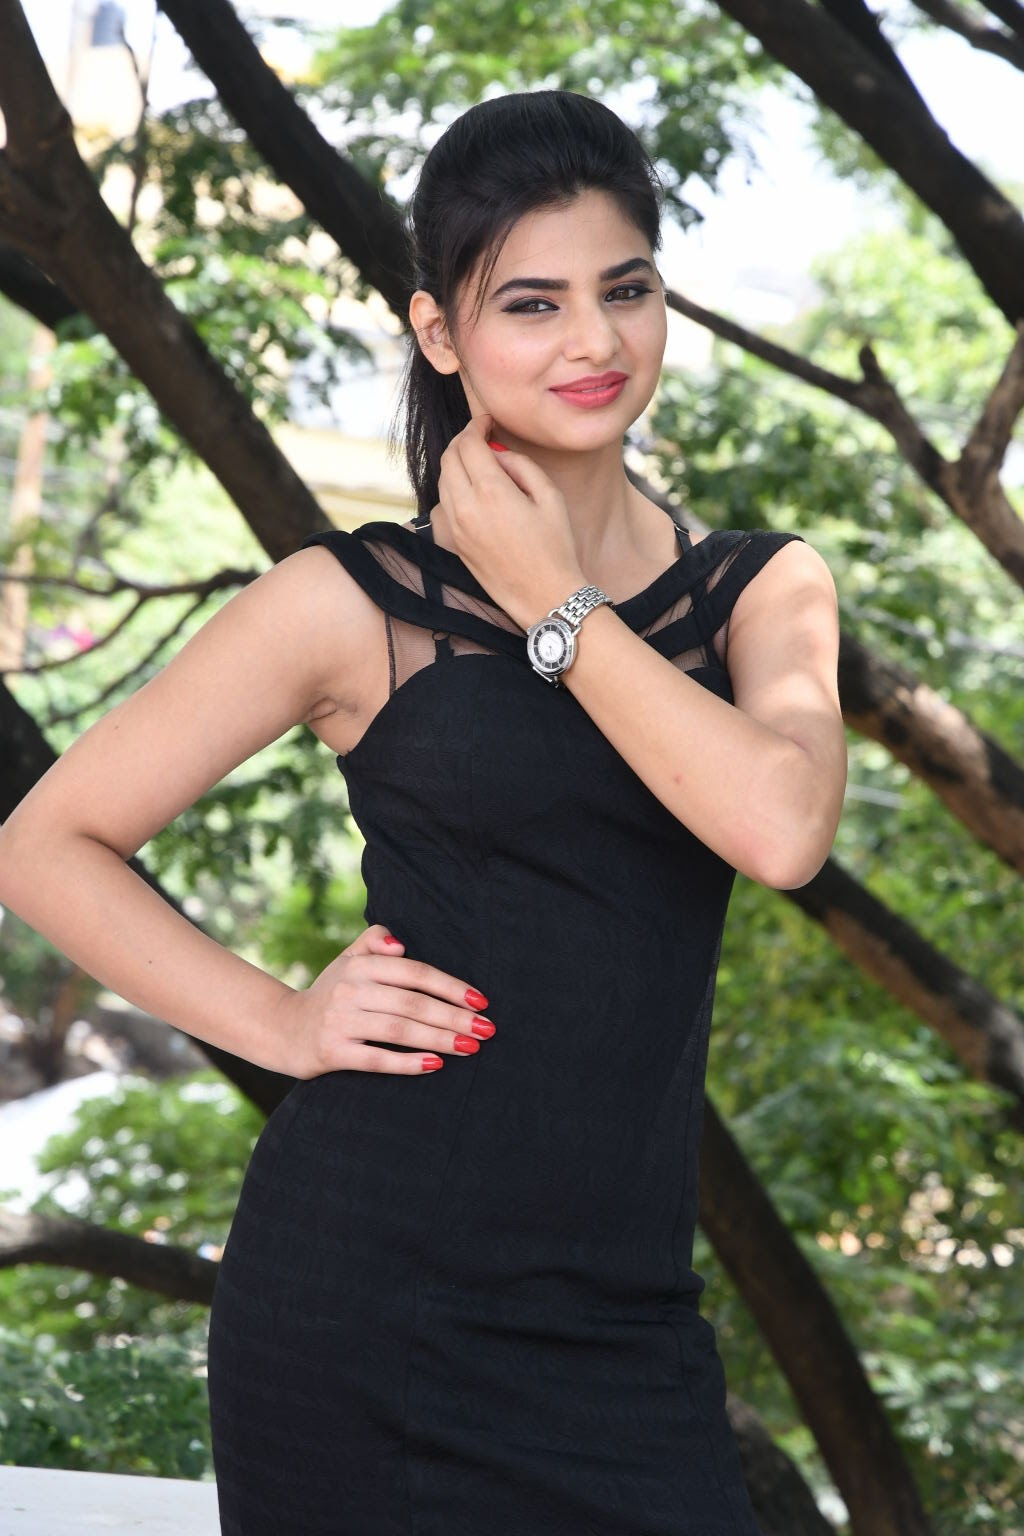 kamna ranawat new glam pics-HQ-Photo-26